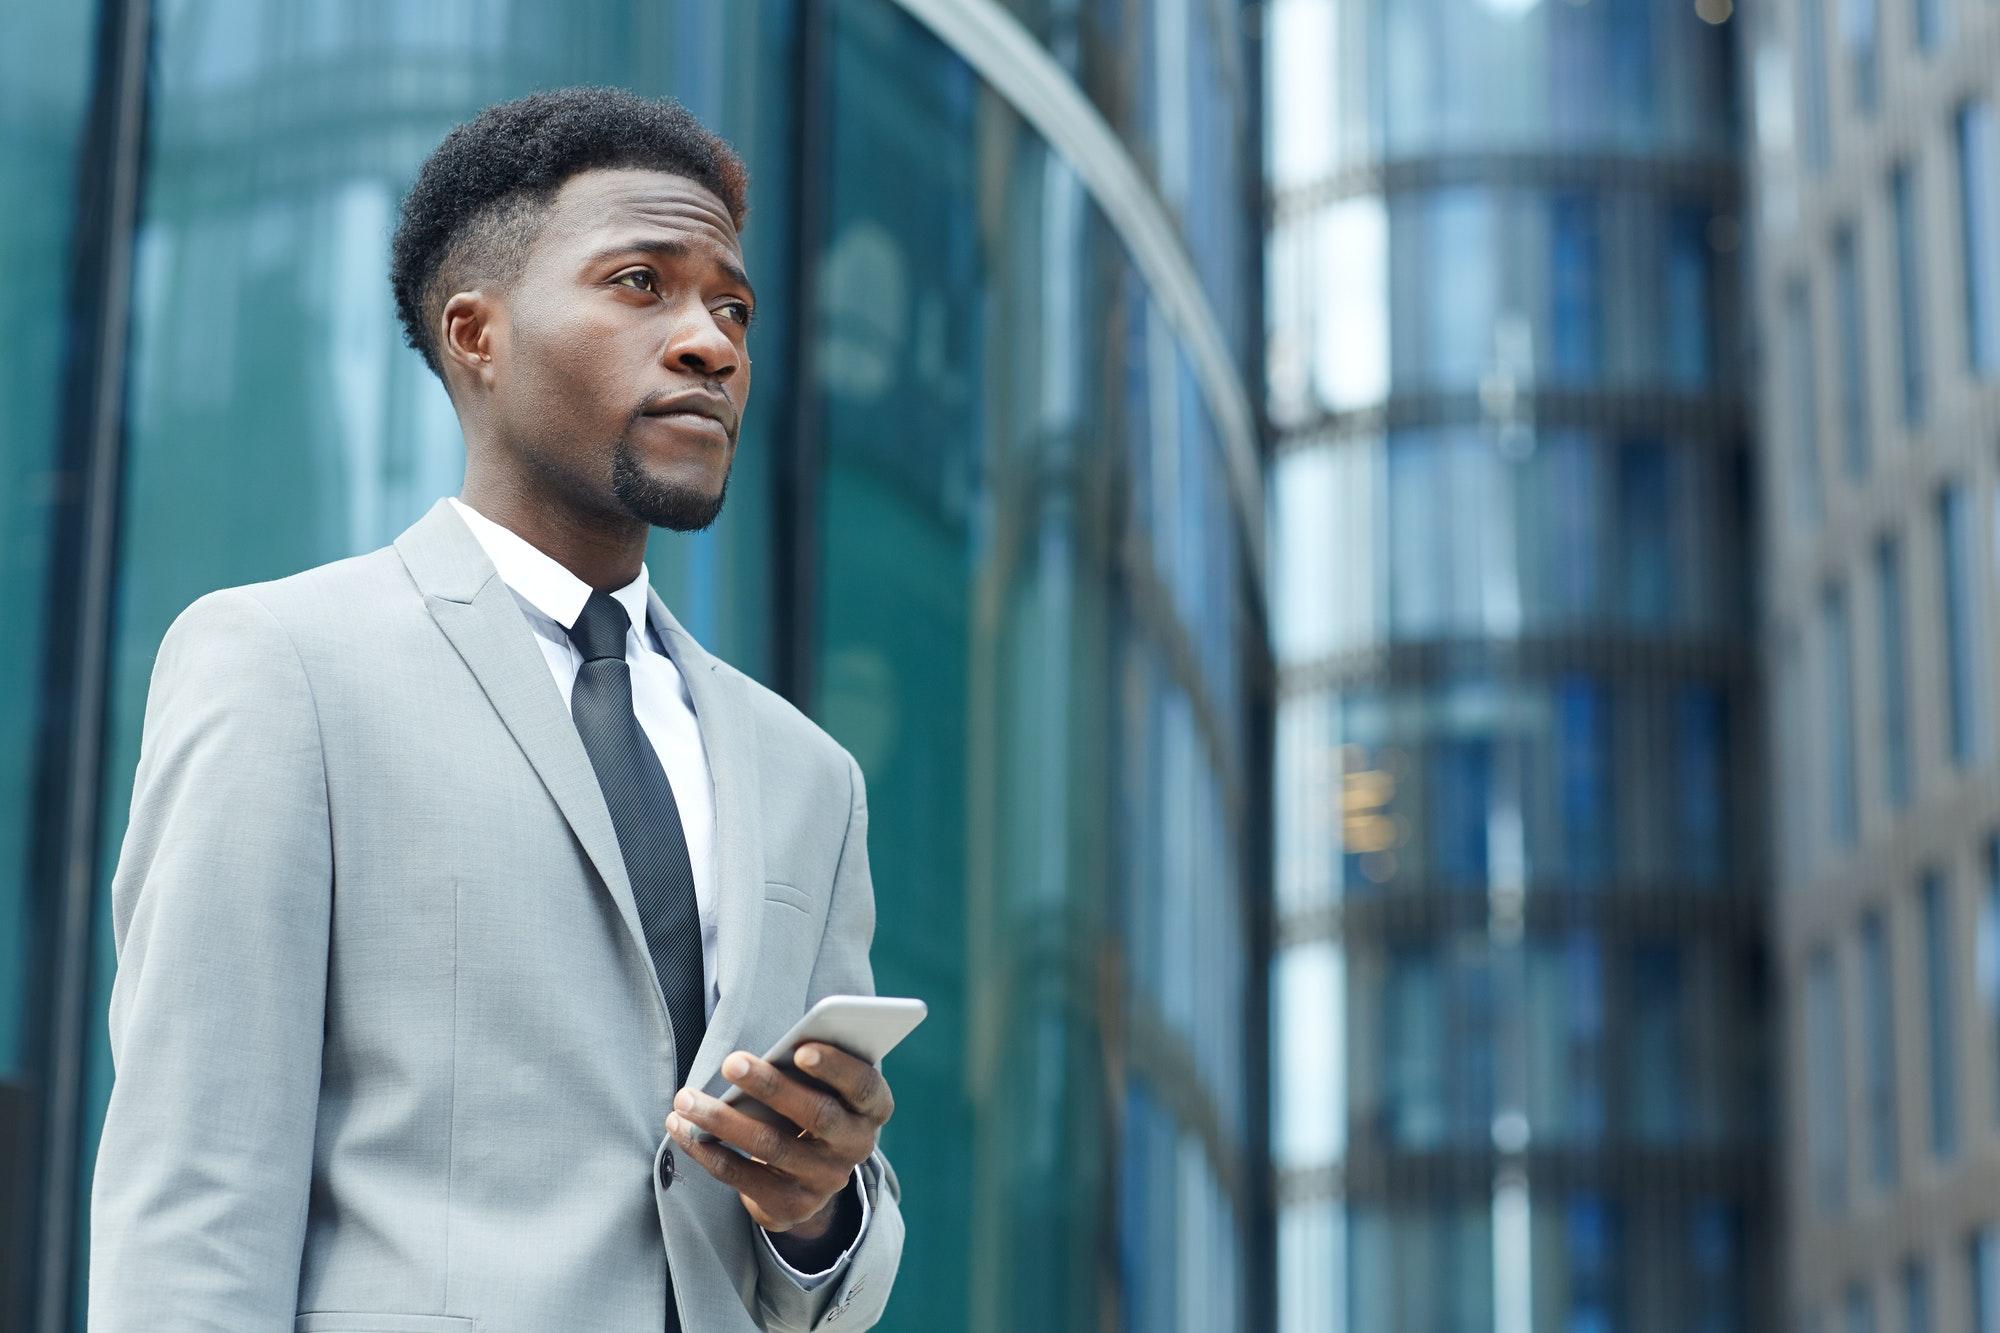 Employee with smartphone